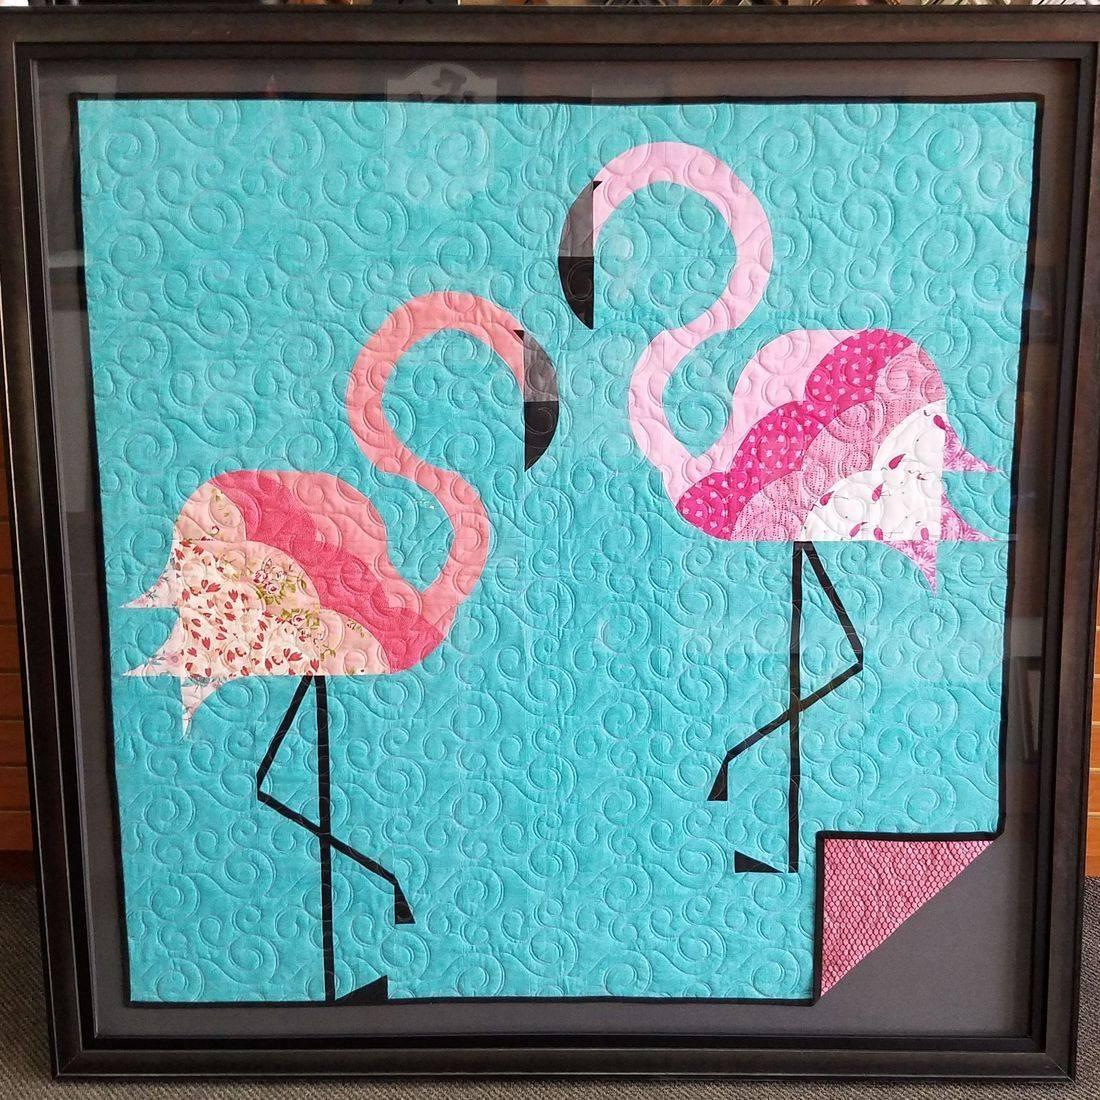 Sunset Framer quilts custom framed